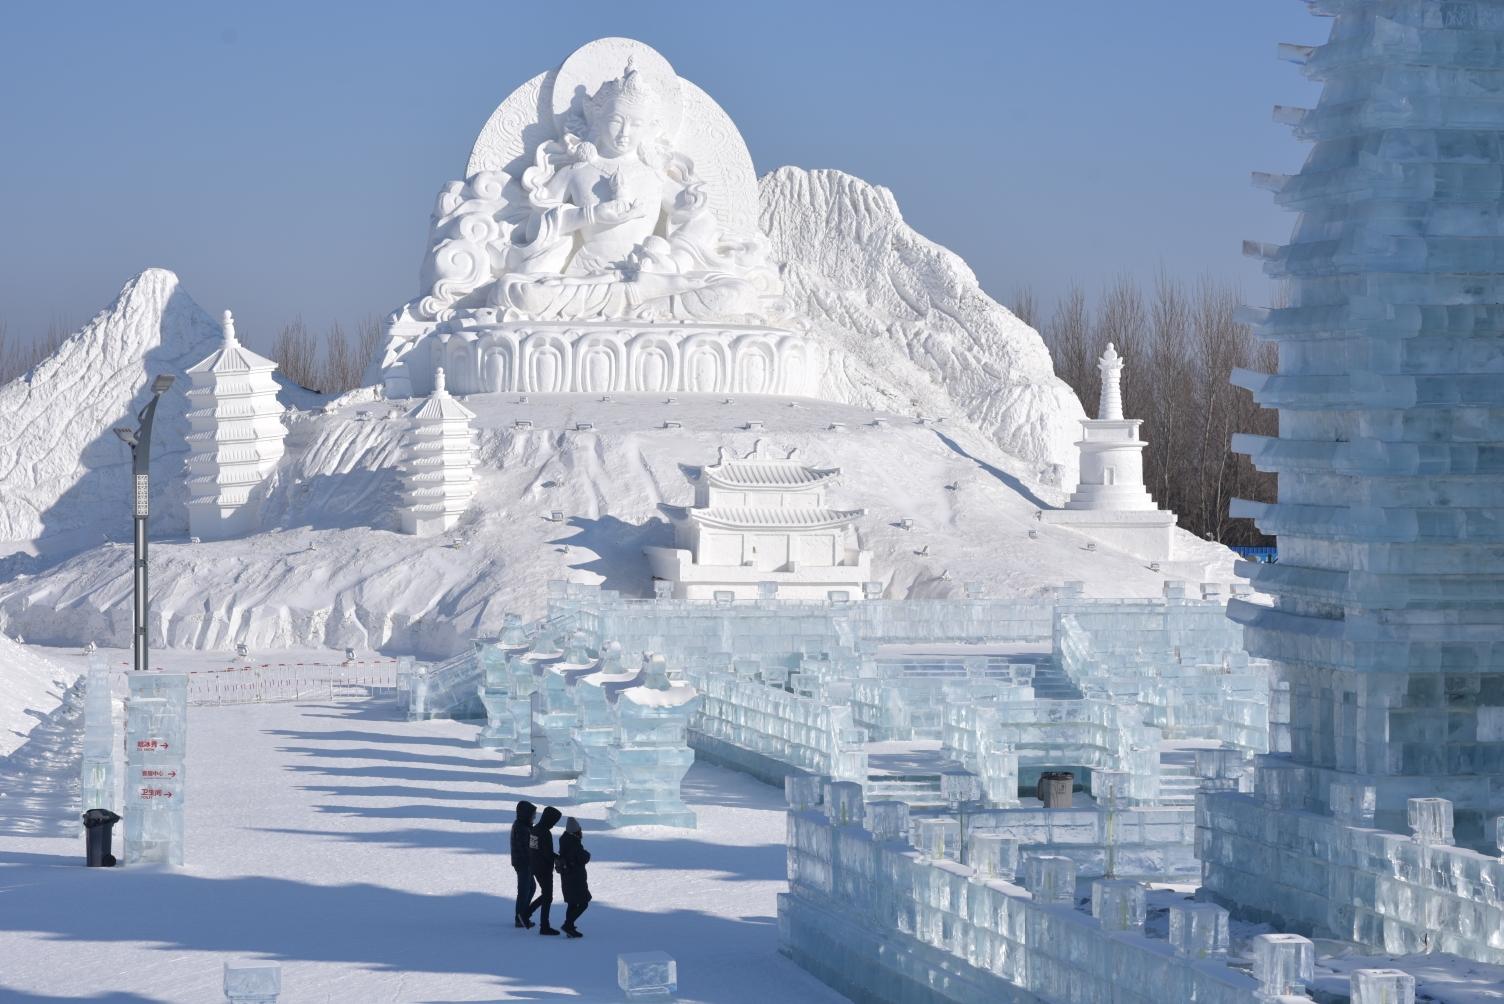 冰雪瑜伽/哈尔滨冰雪大世界瑜伽秀图片